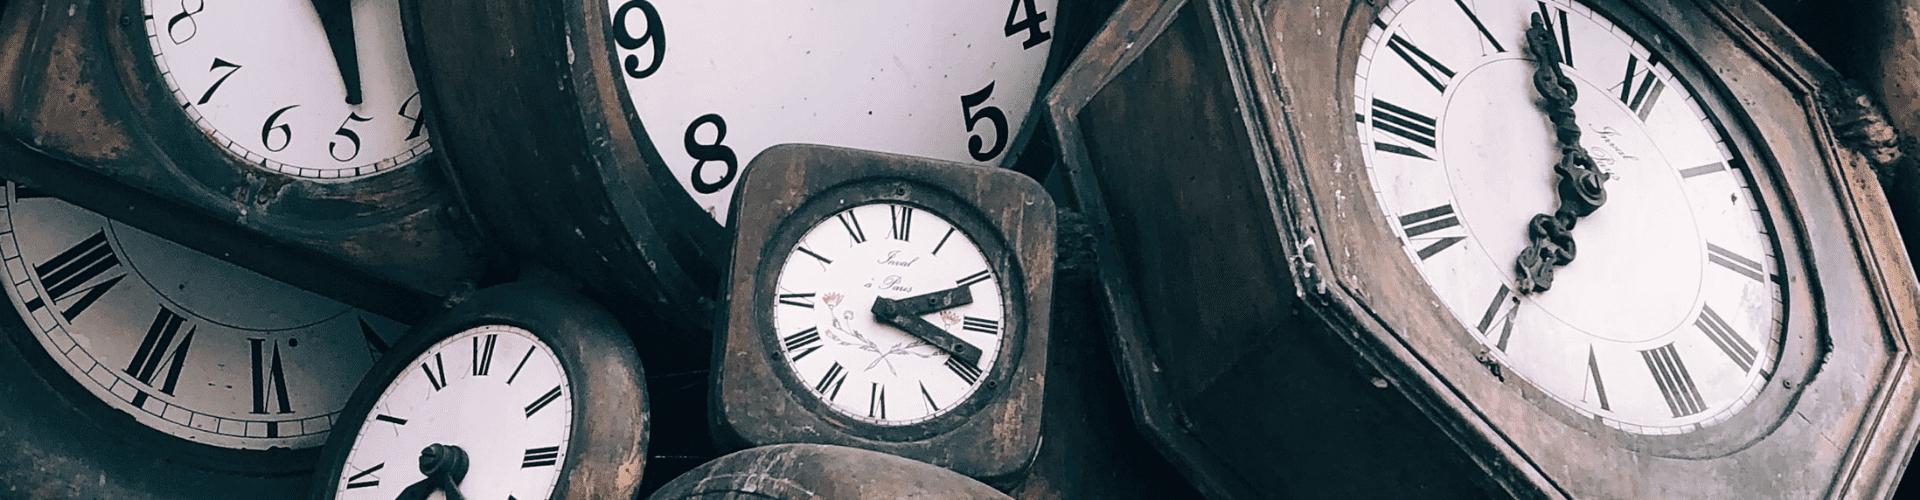 Horloges, pendules et décorations murales